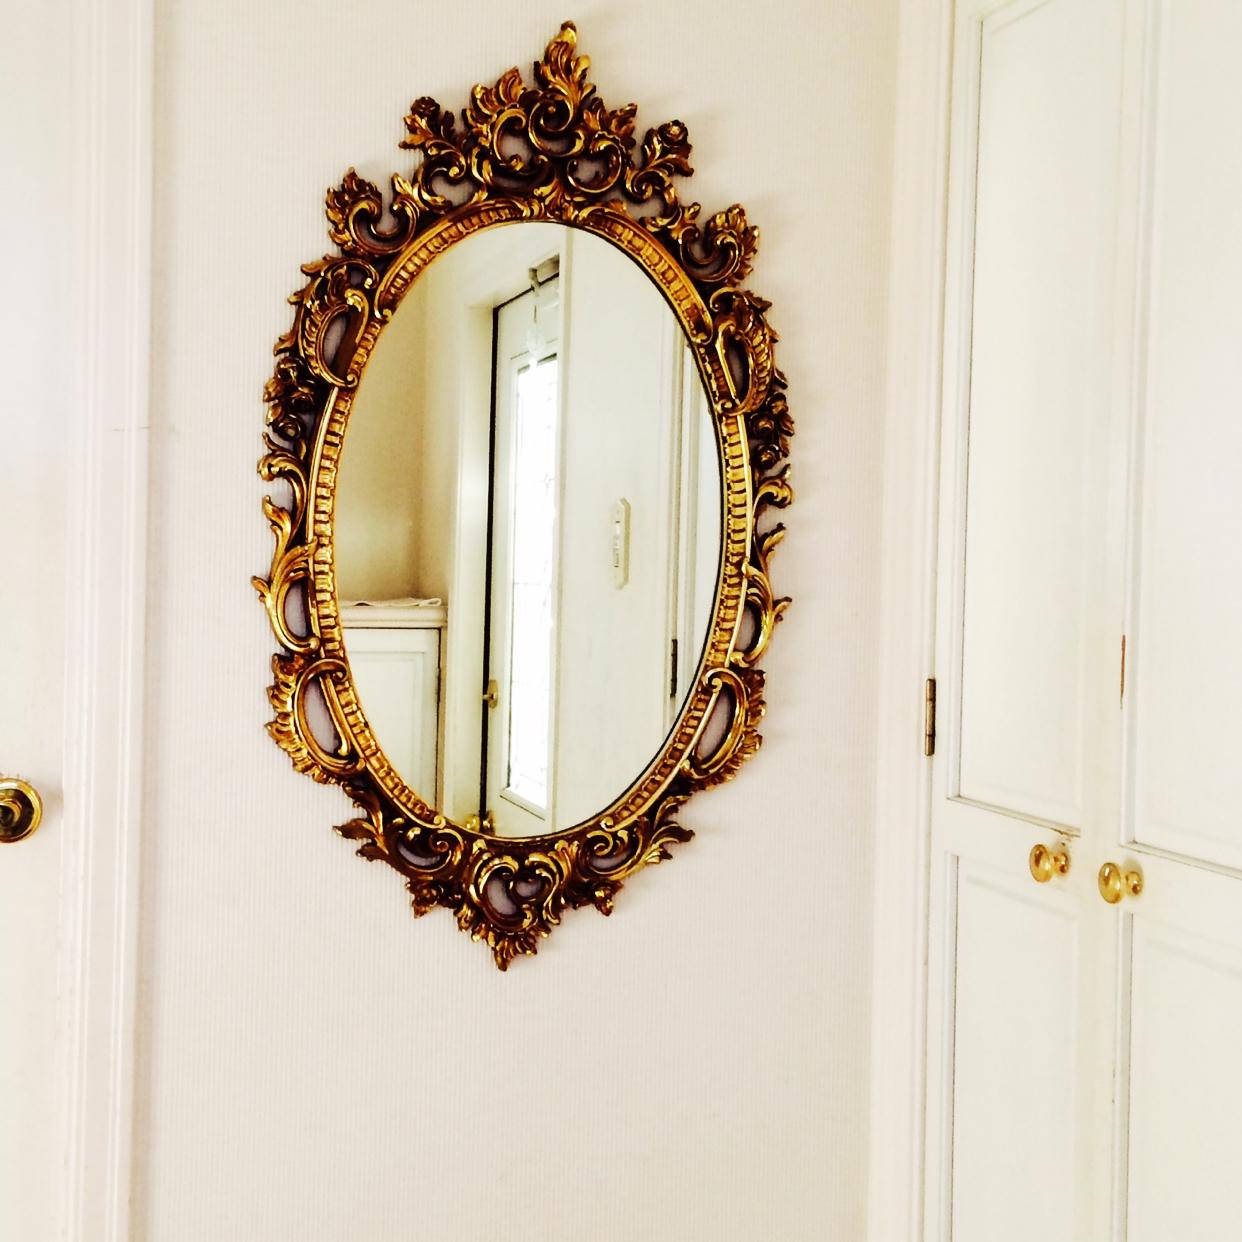 玄関の鏡がラッキーアイテムになる方法 | RoomClip mag | 暮らしとインテリアのwebマガジン